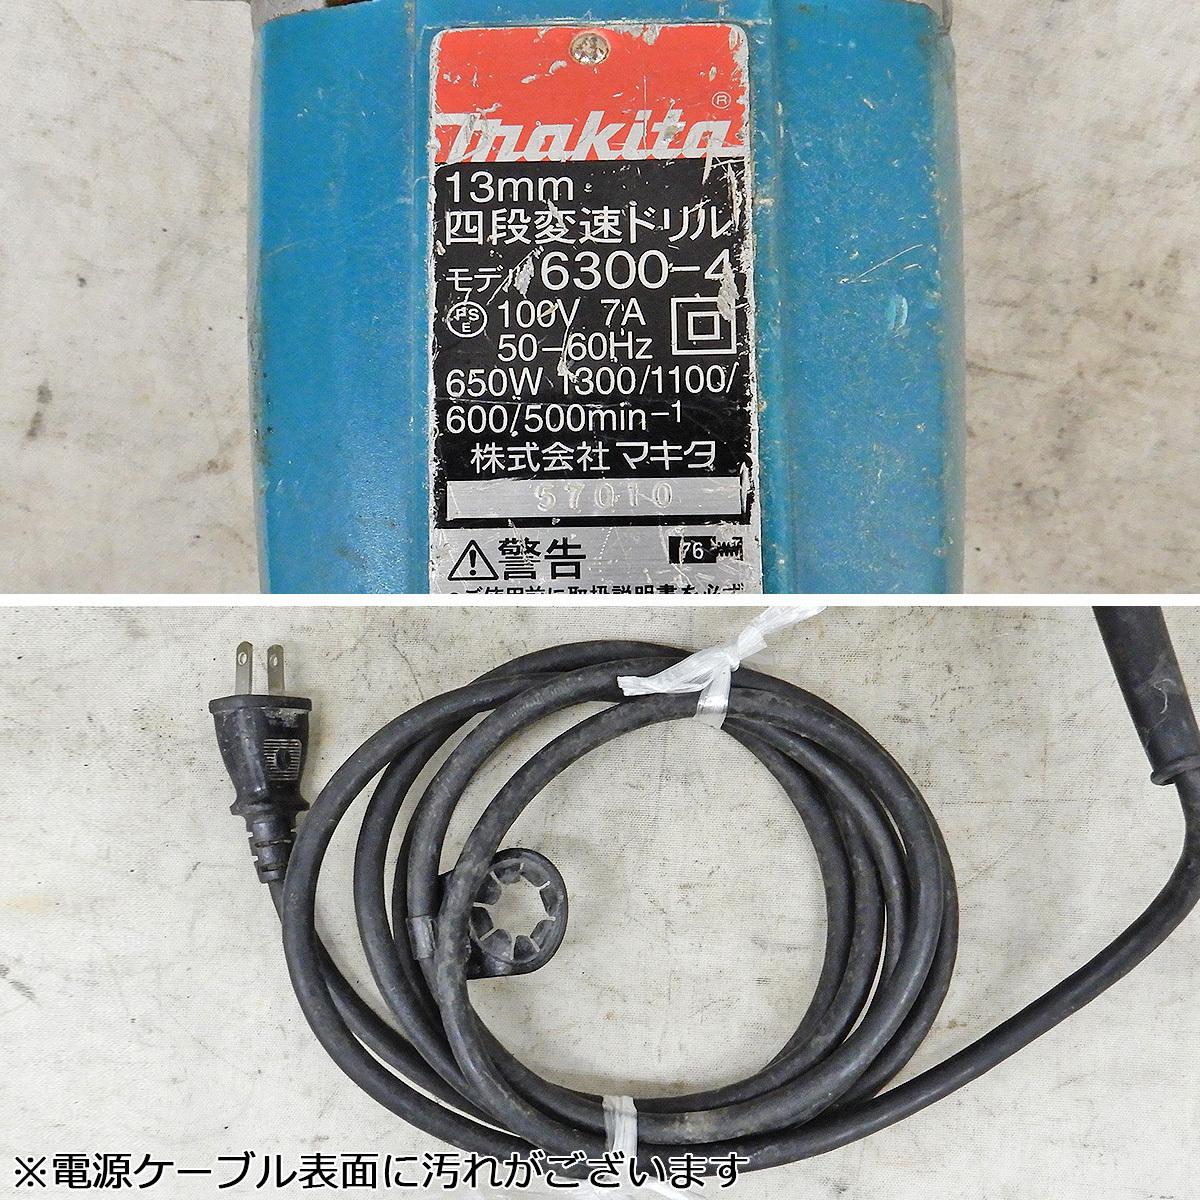 FR78 [送料無料/難あり] makita マキタ 10mm振動ドリル HP1030 / 13mmドリル DP4002 / 13mm四段変速ドリル 6300-4 計3点セット_画像9